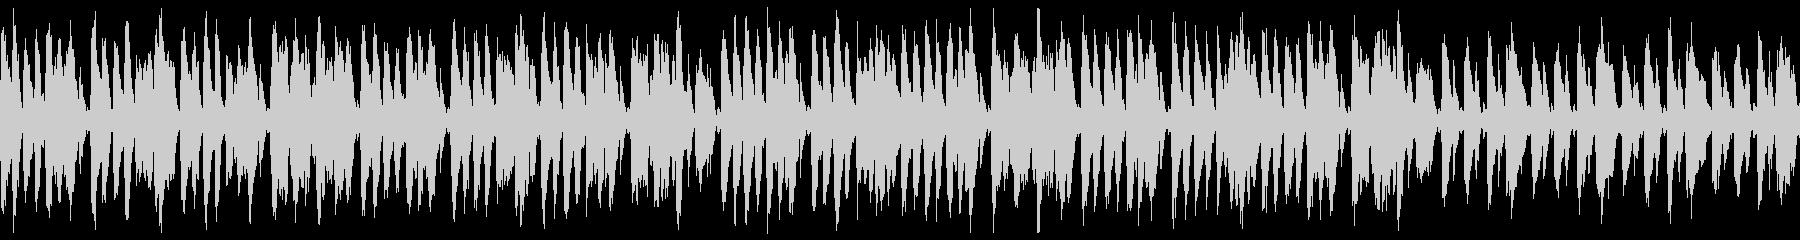 ダーク・夜・速いジプシージャズ(ループの未再生の波形